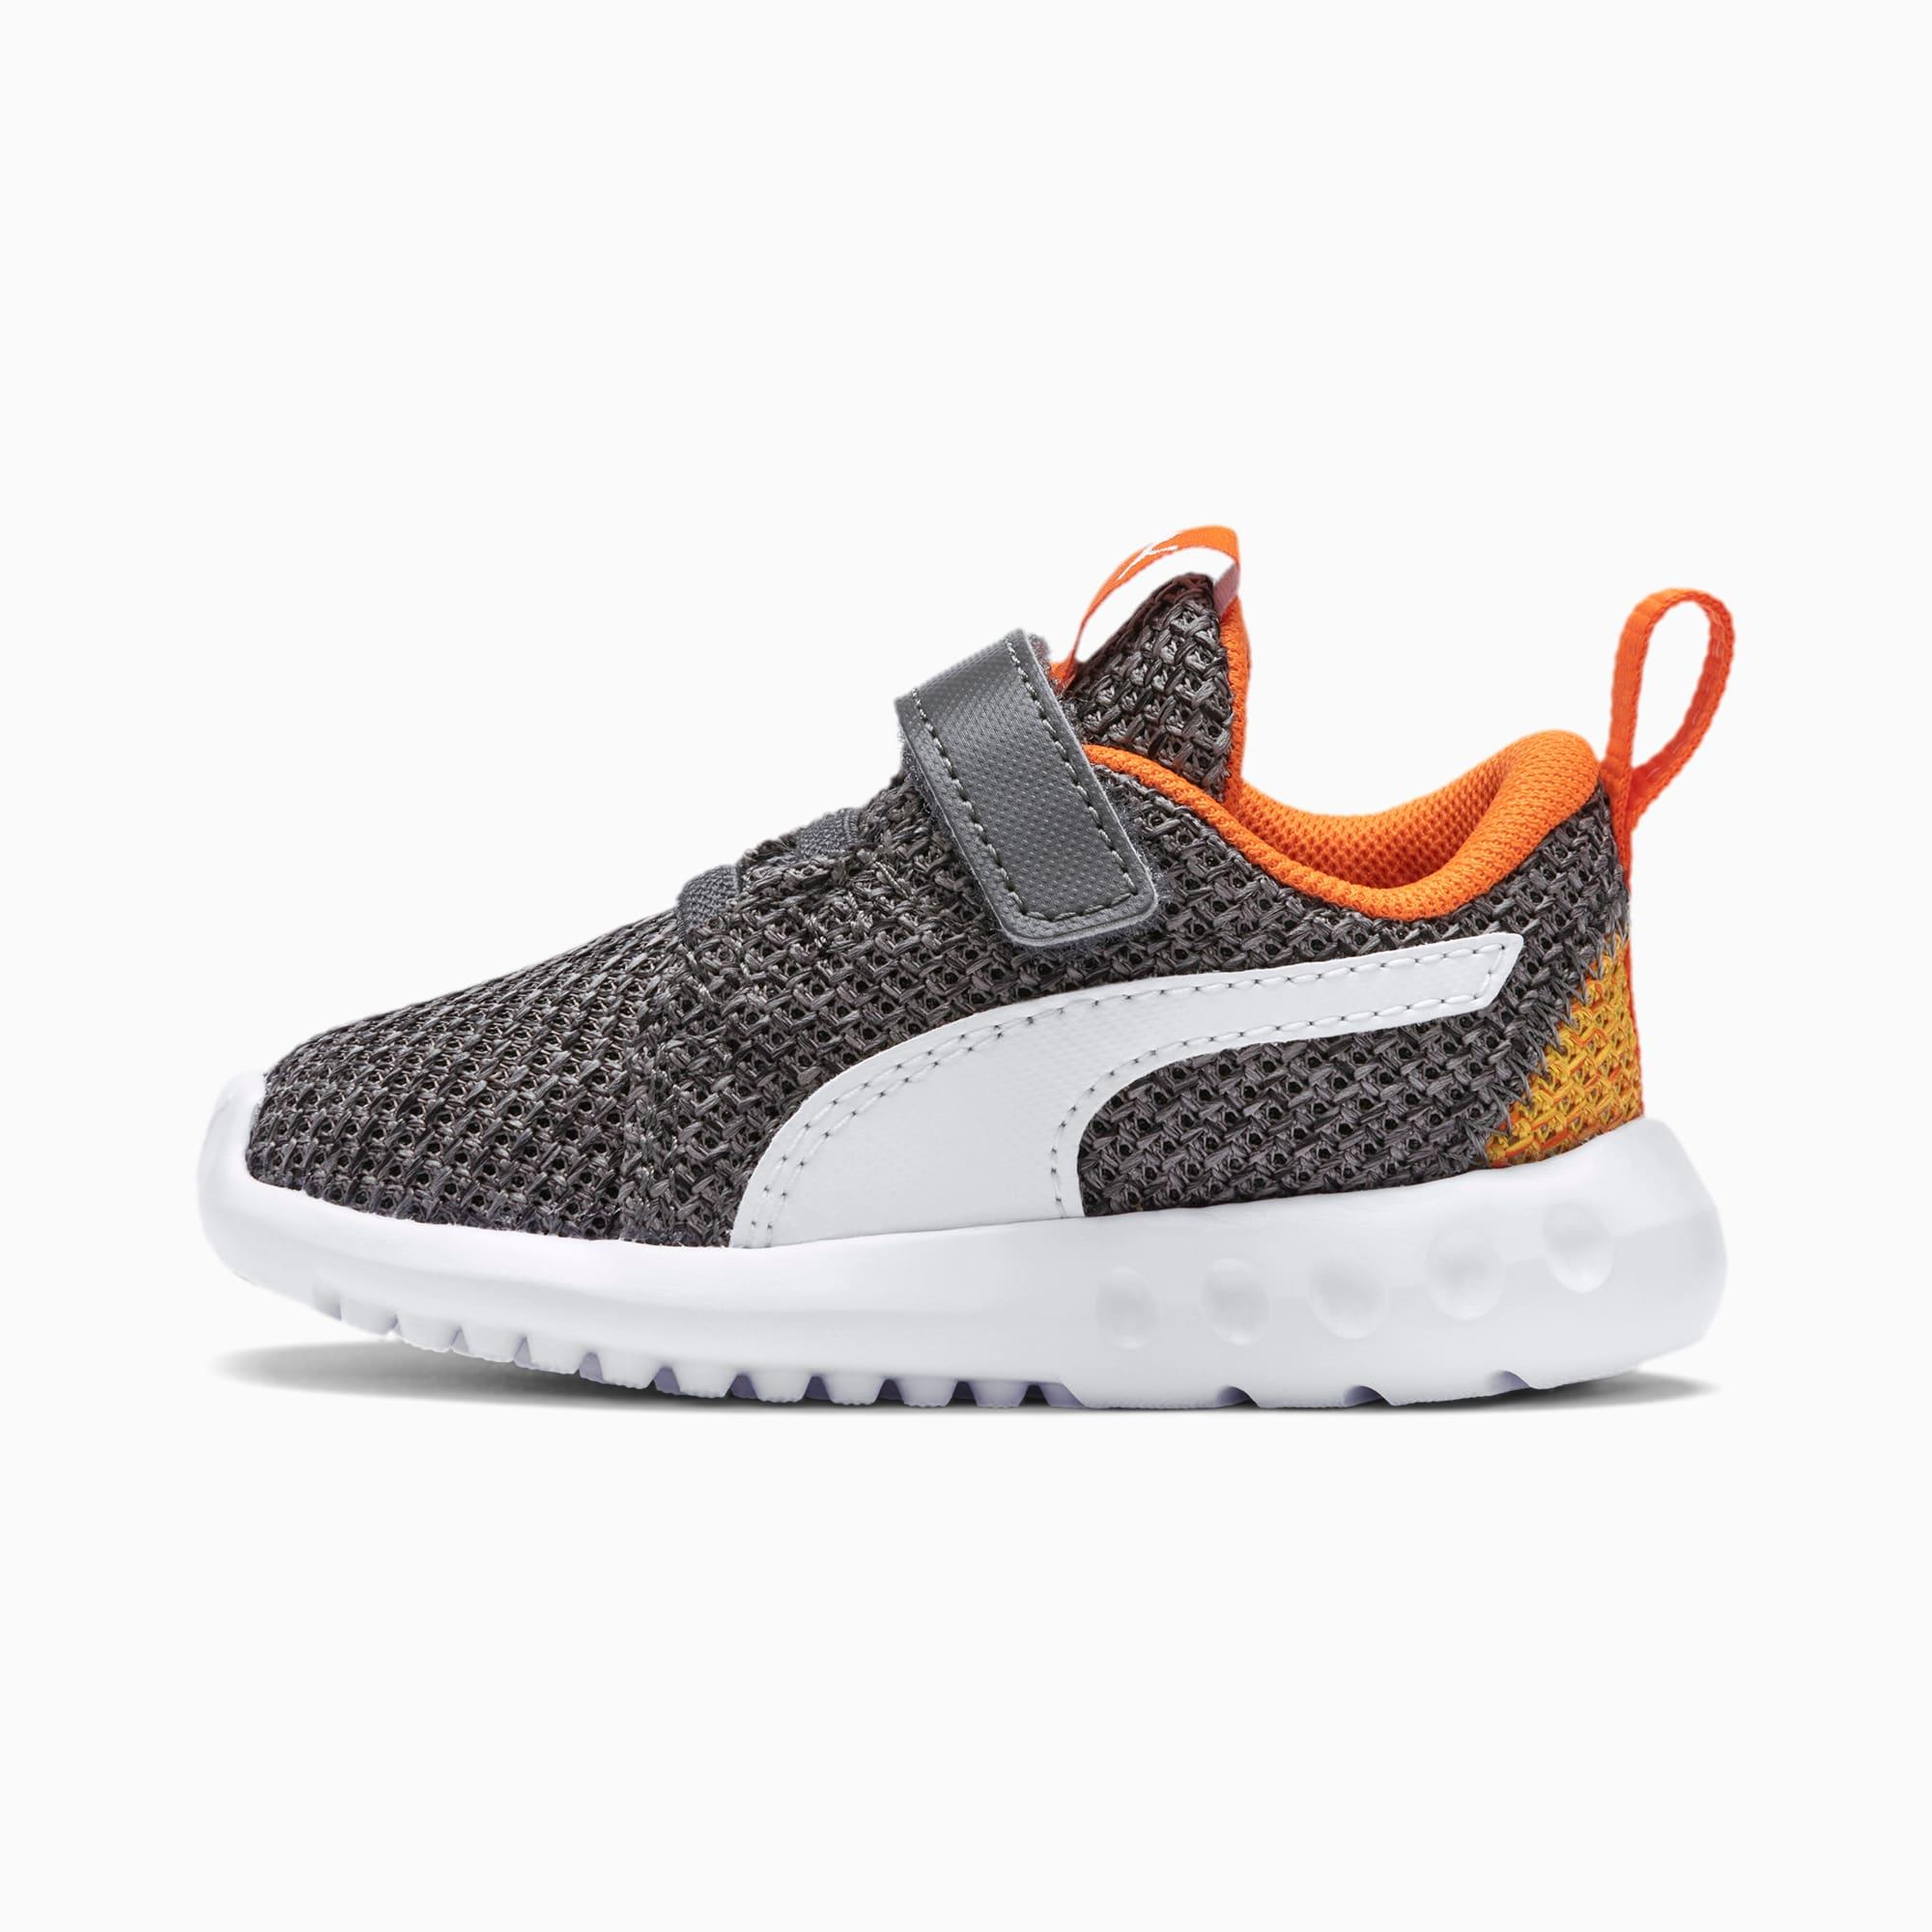 chaussure basket carson 2 bold knit pour bébé, gris/blanc, taille 23, chaussures